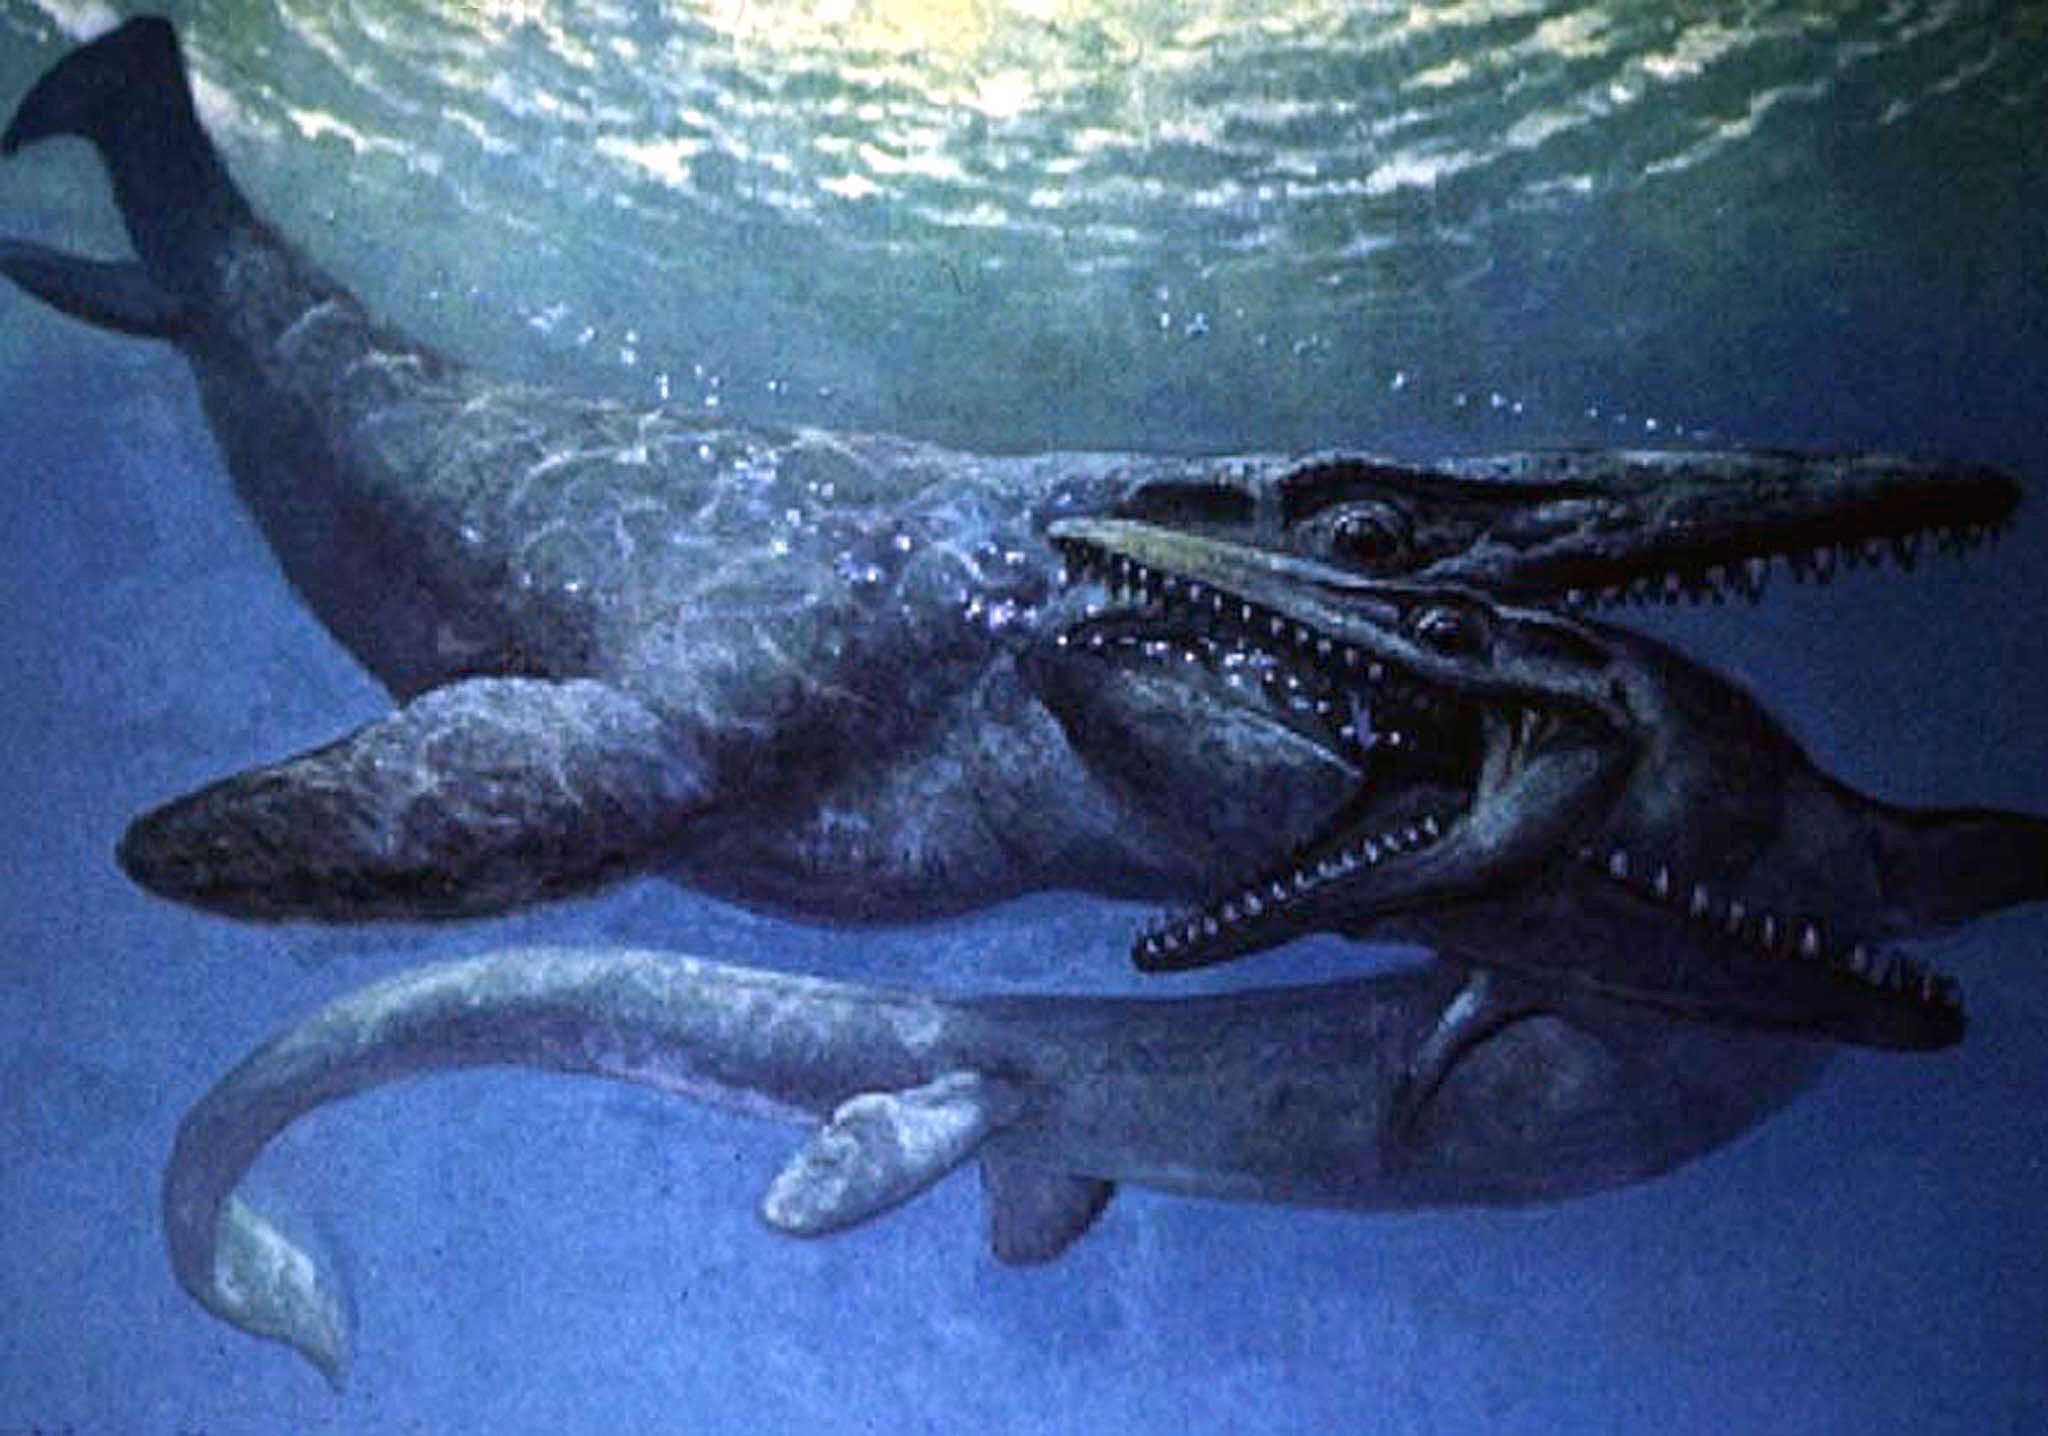 Vue d'artiste de deux mosasaures datant de 1999